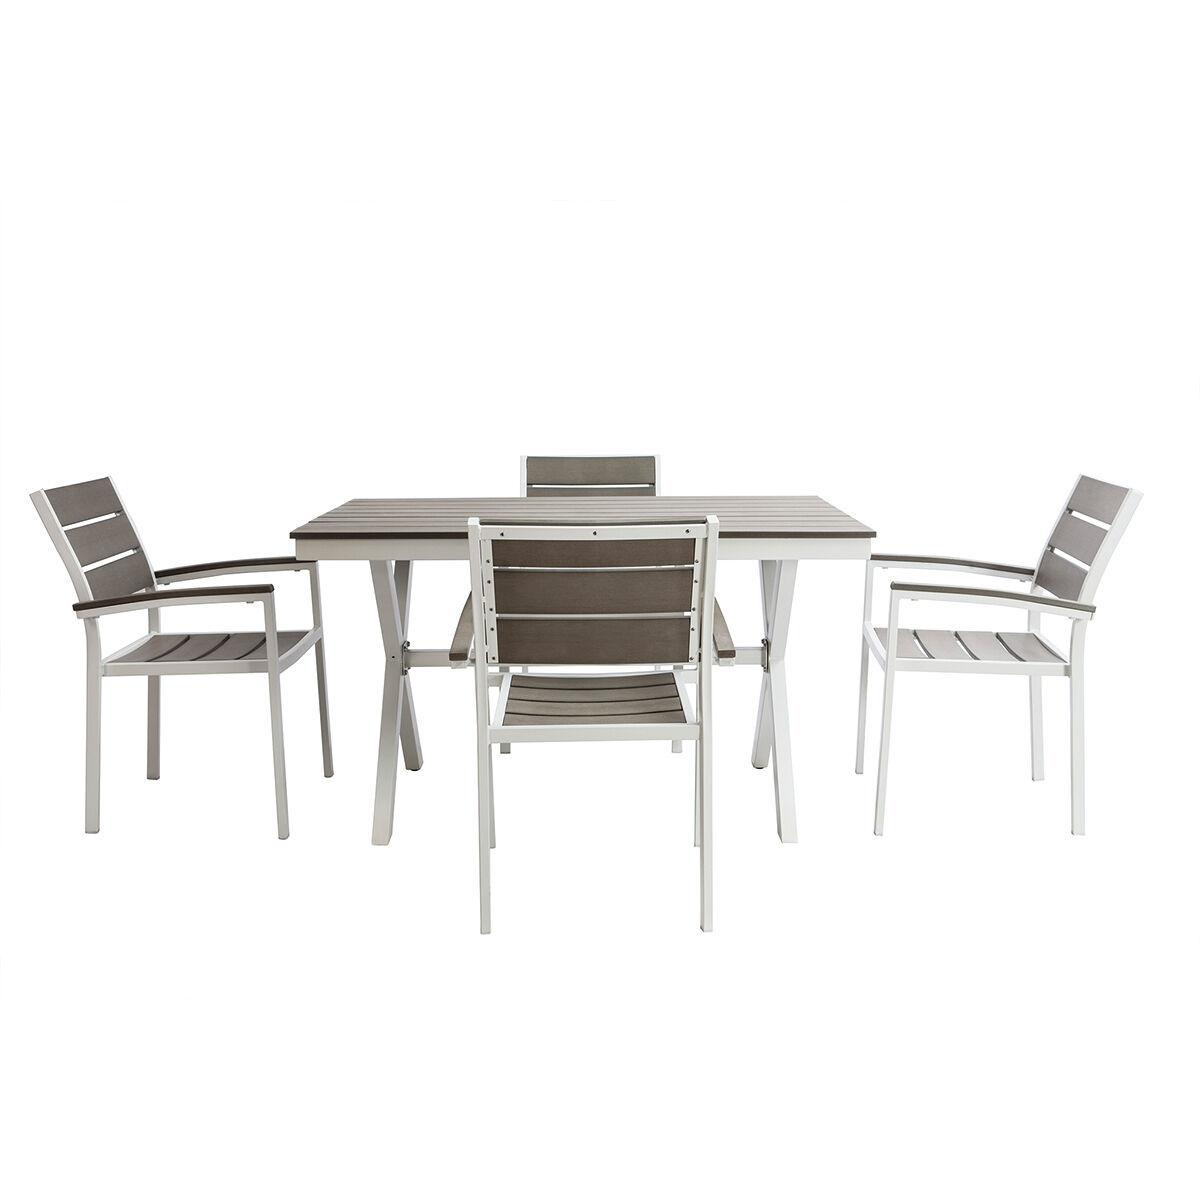 Miliboo Salon de jardin avec table et 4 chaises blanc et gris VIAGGIO